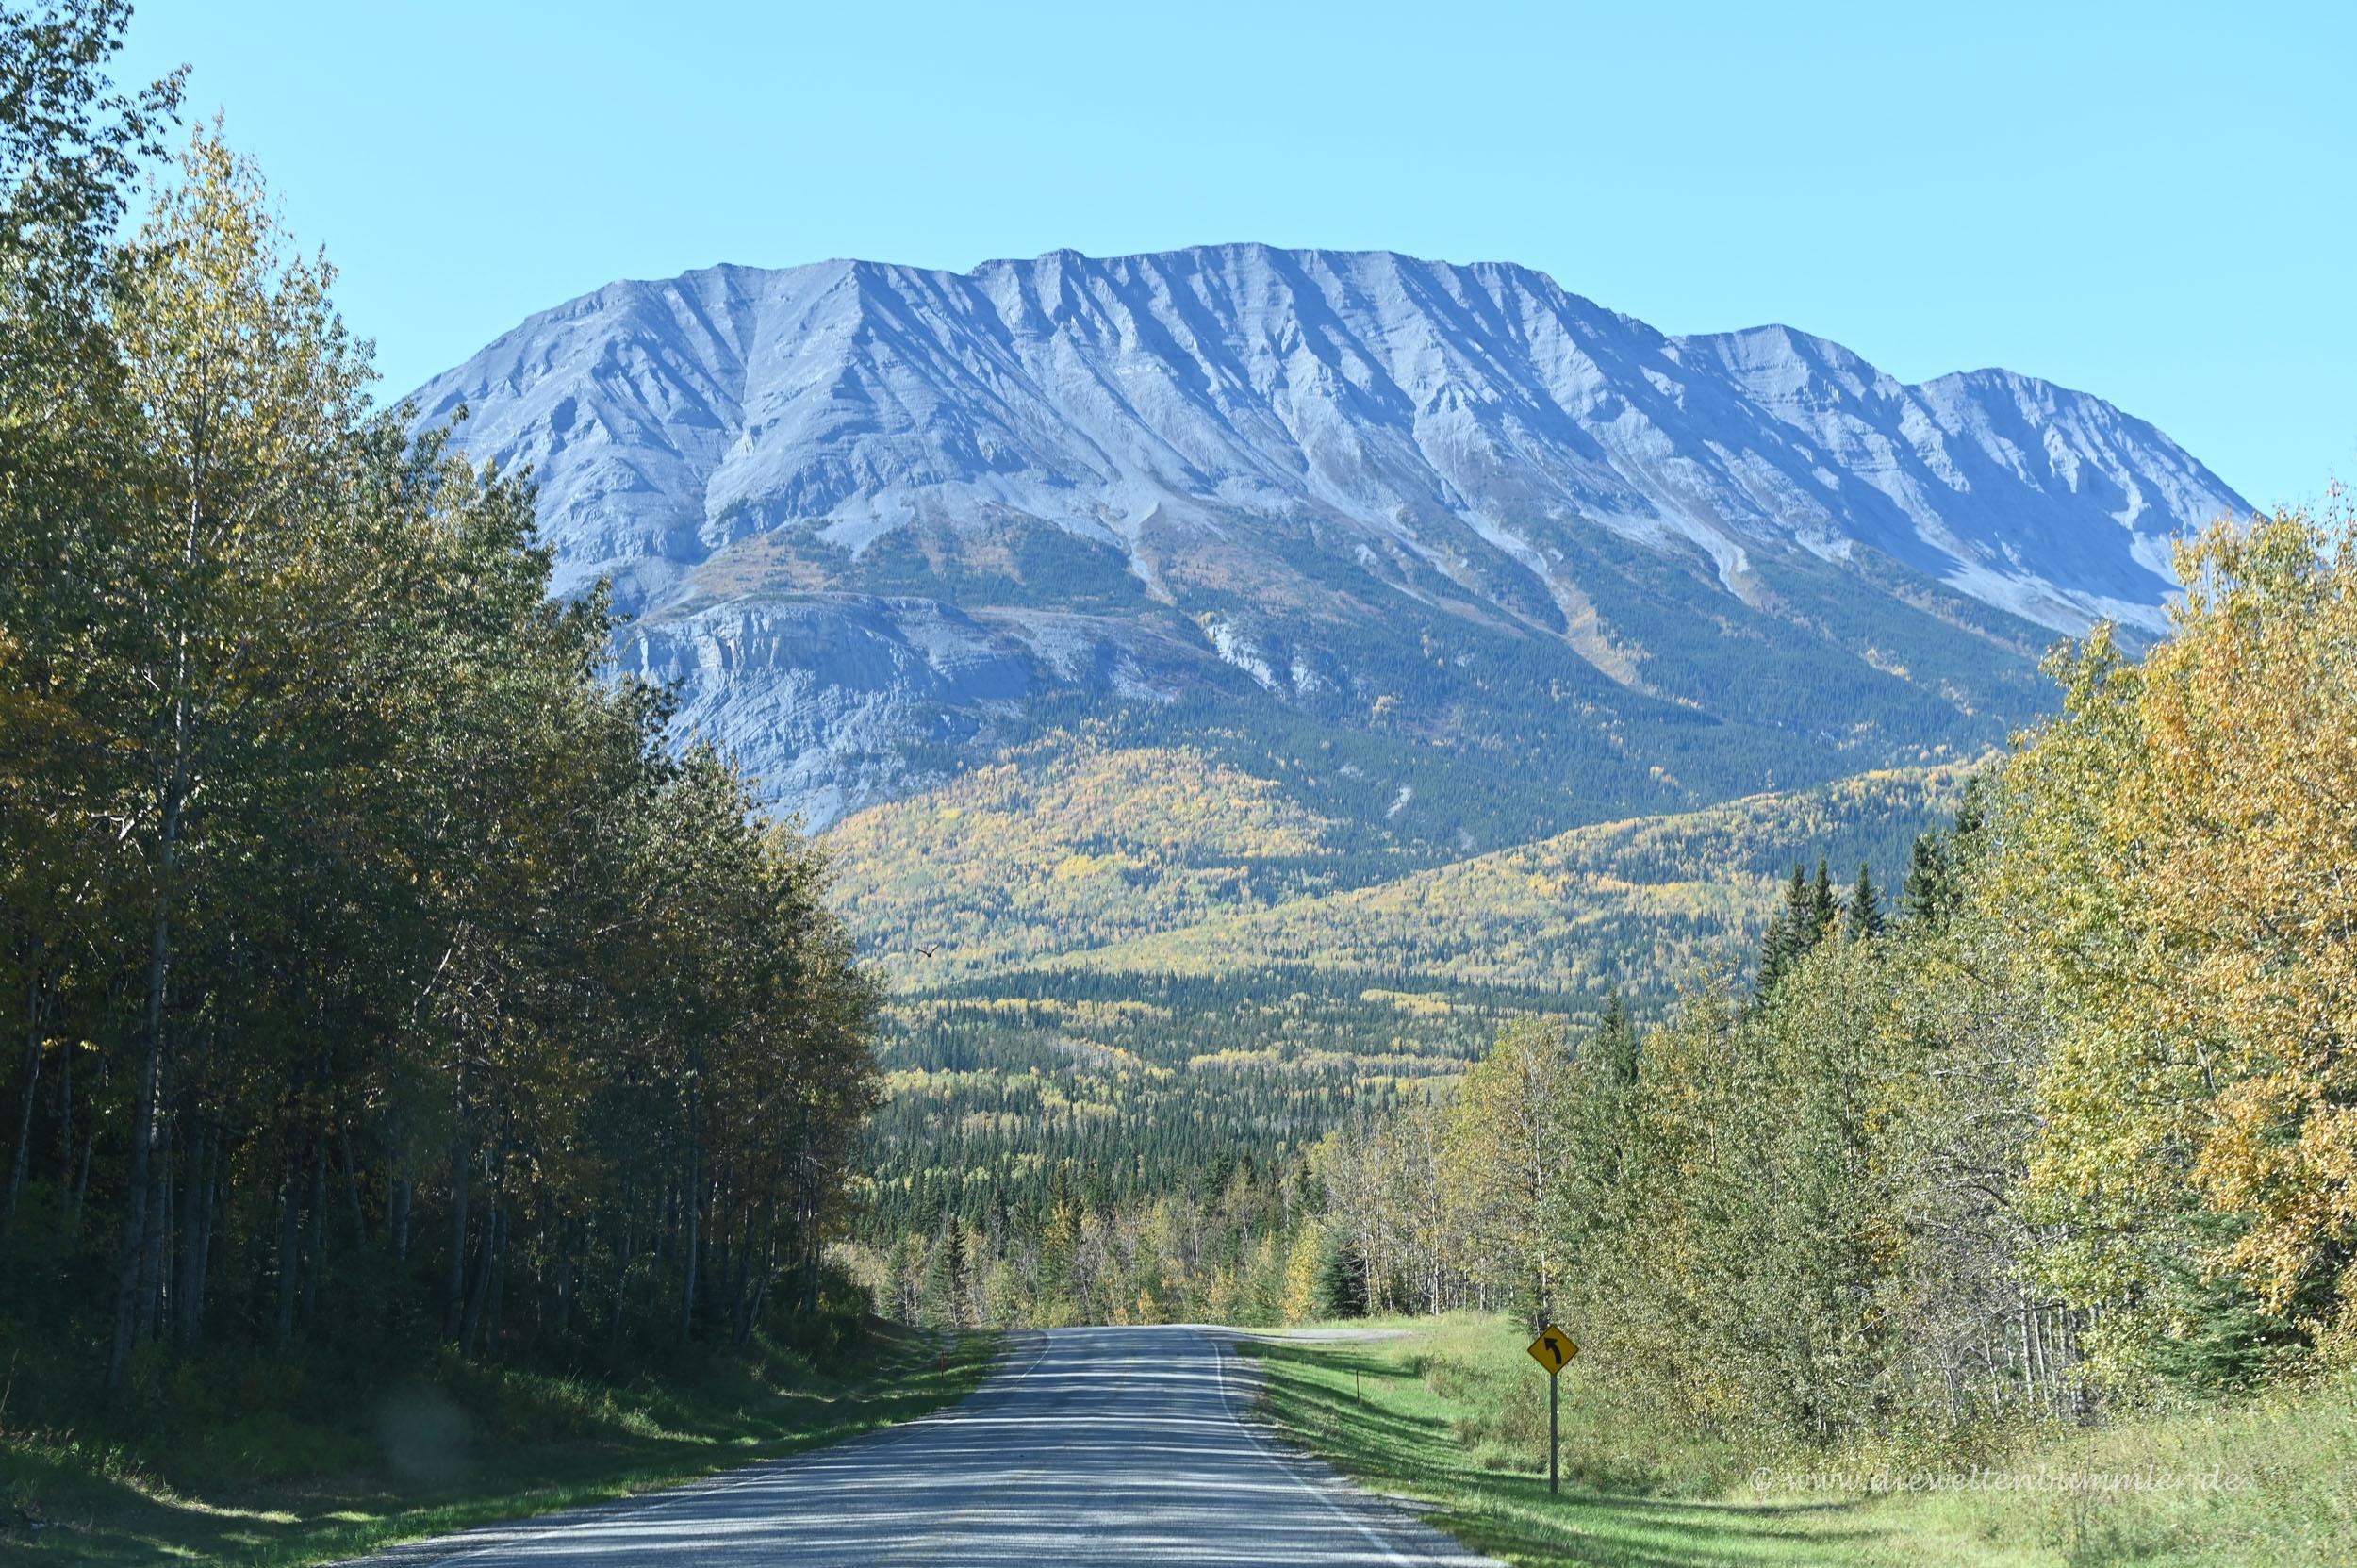 Tolle Landschaft am Alaska Highway